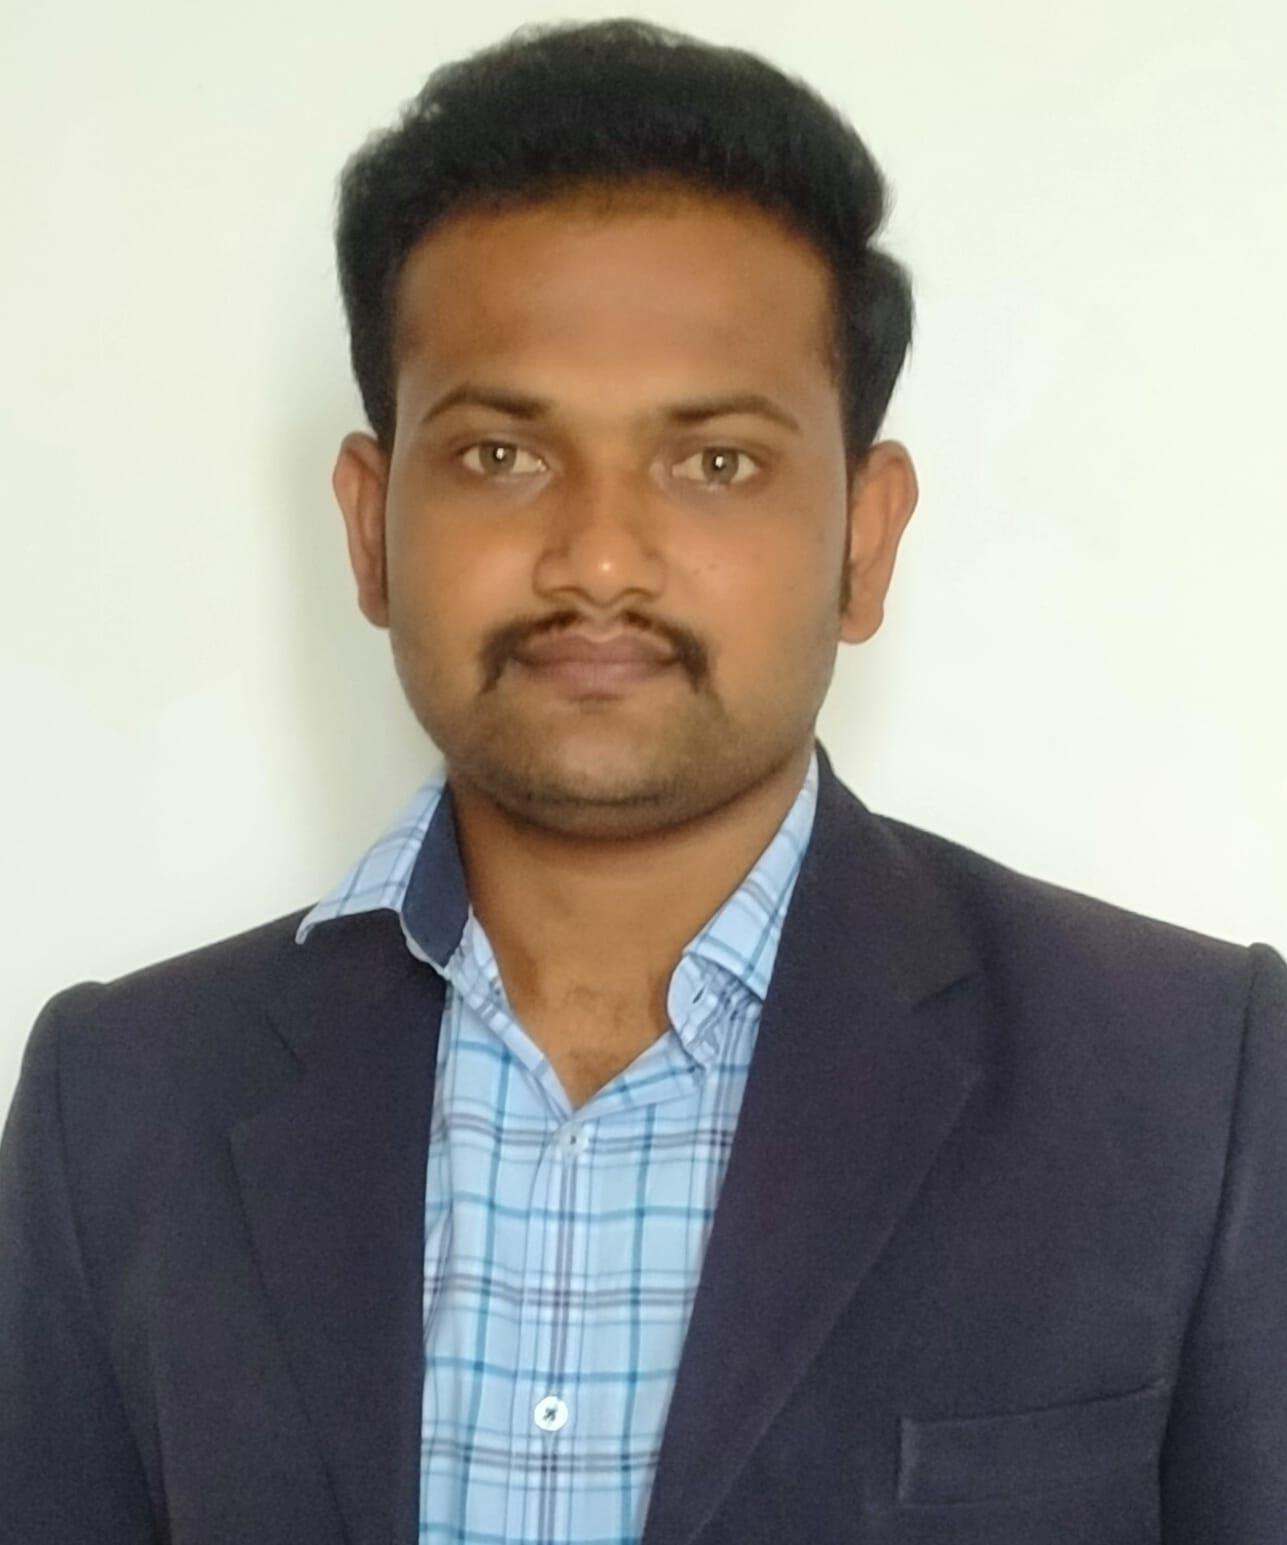 Mr. Kshirsagar Dudheshwar Chandrakant